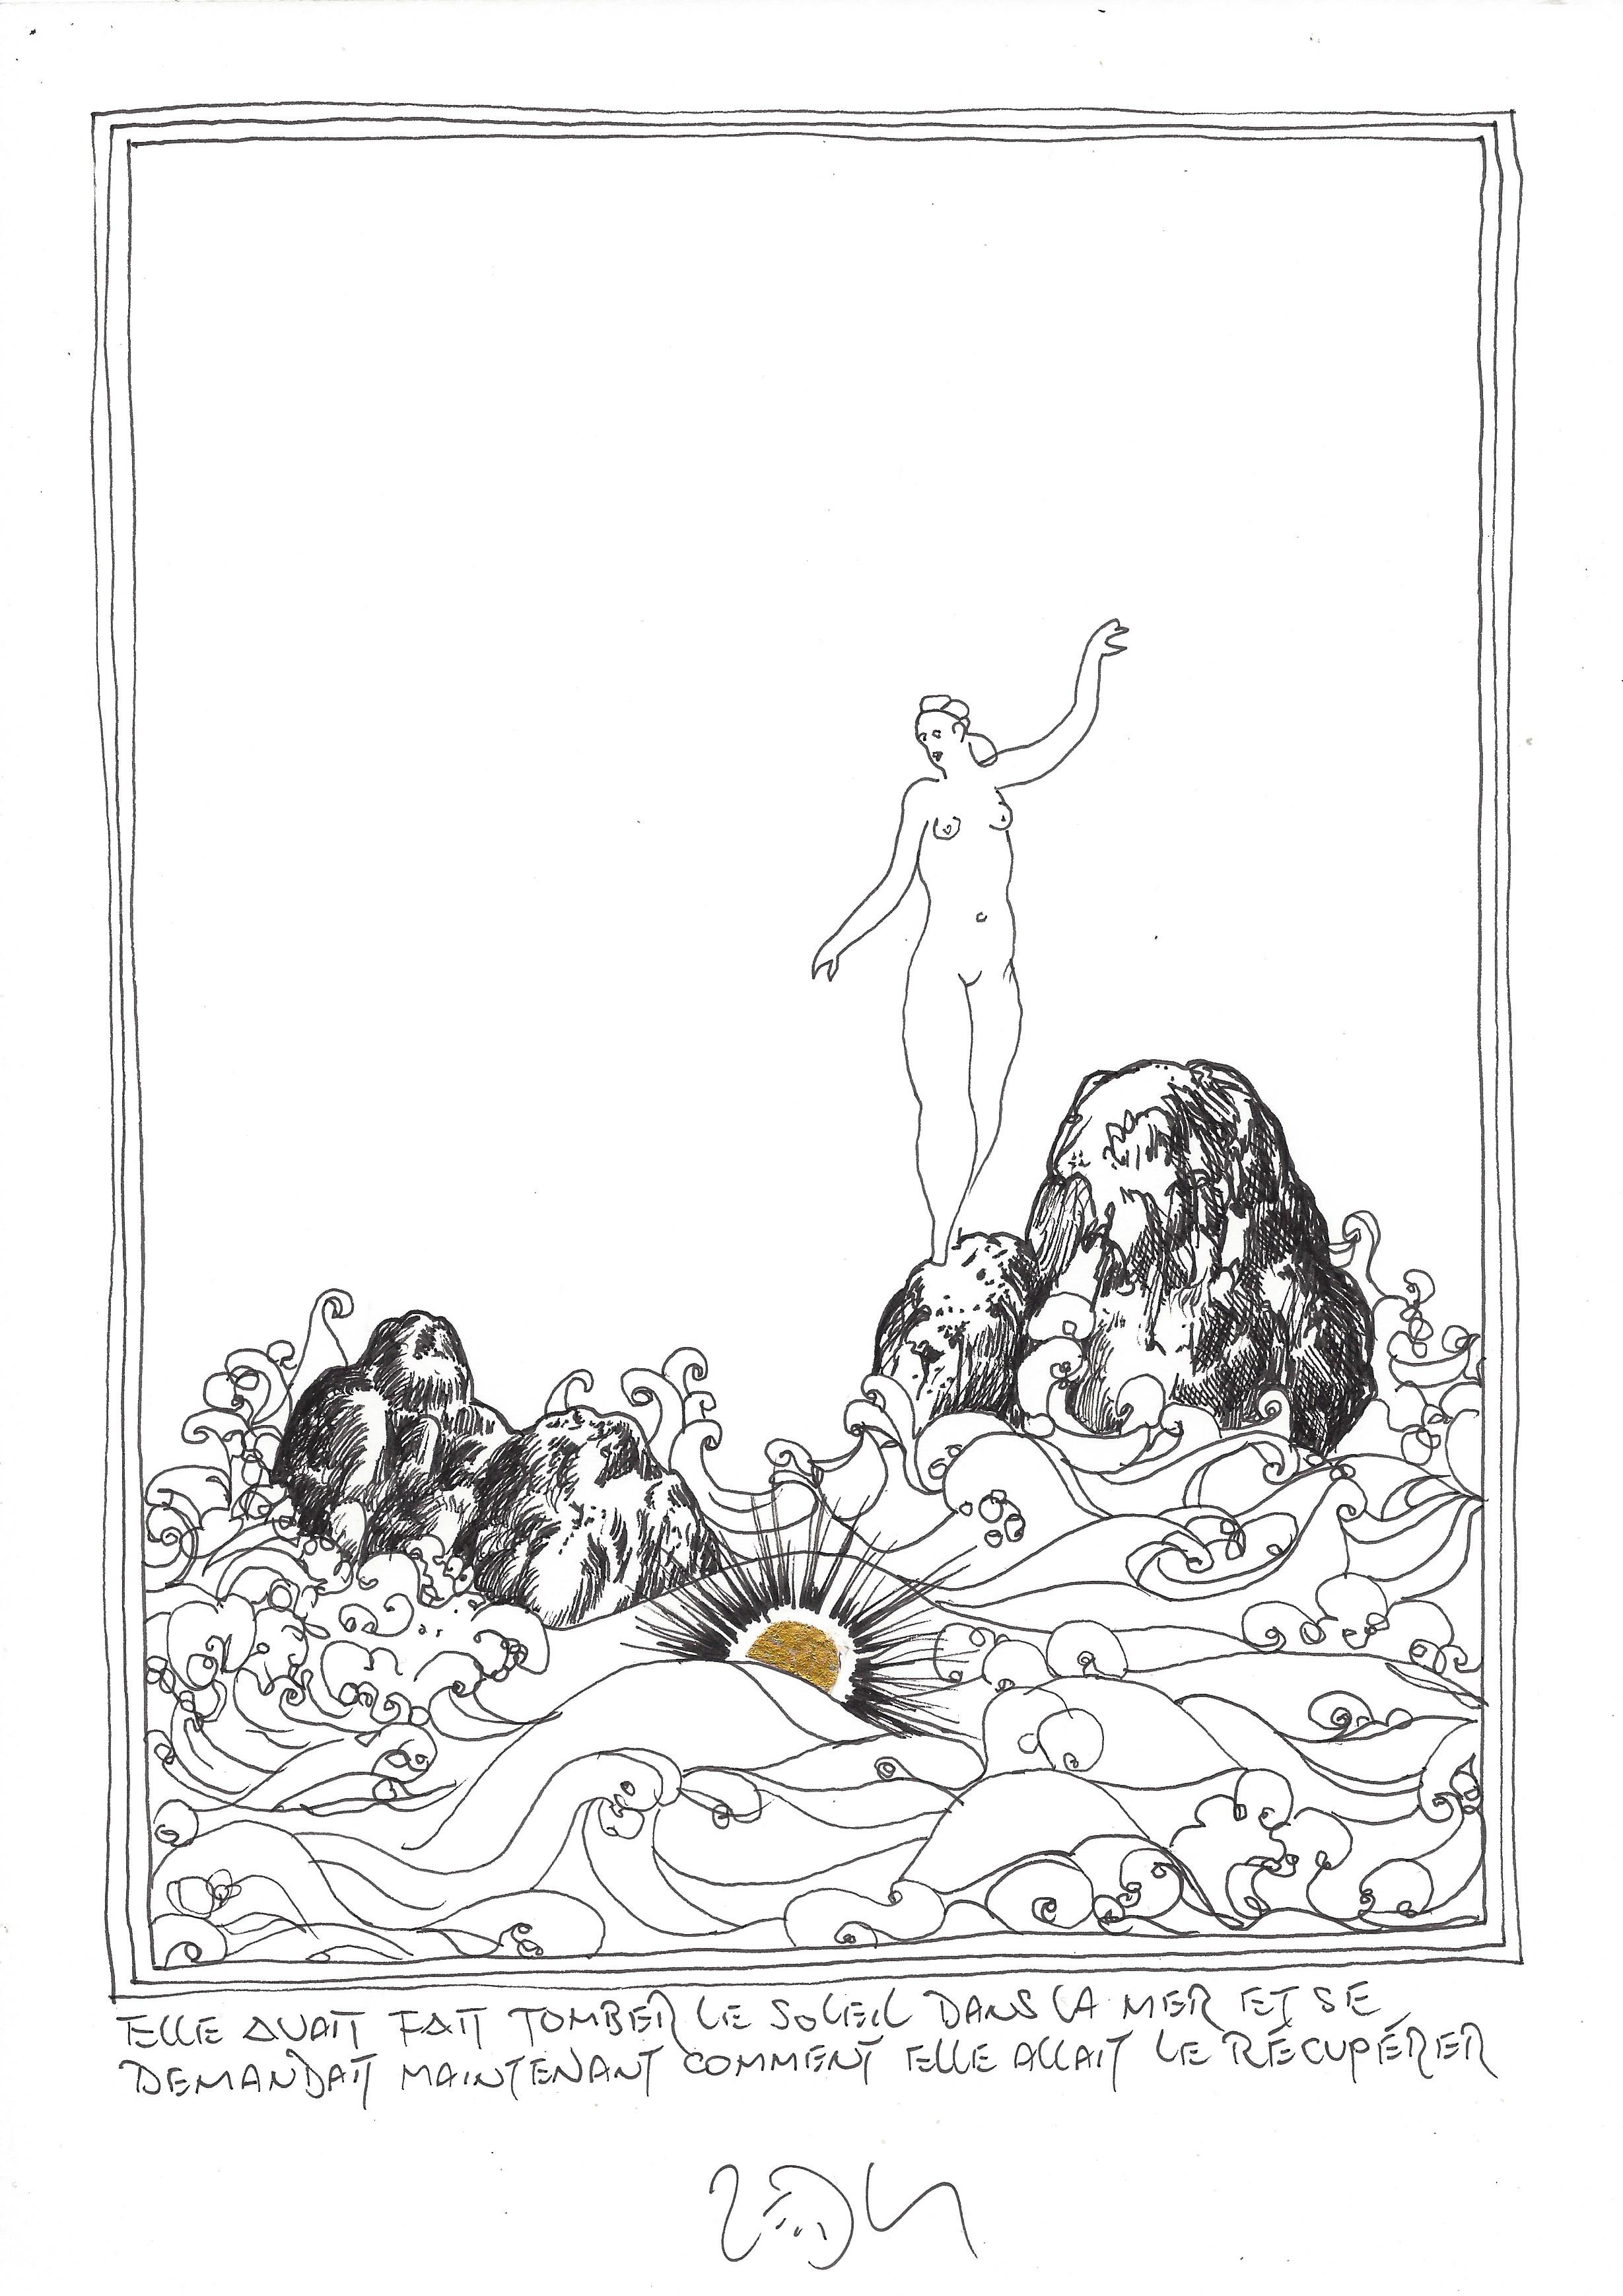 « She had dropped the sun into the sea, and was now uncertain as to how to go about getting it back – Elle avait fait tomber le soleil dans la mer et se demandait maintenant comment elle allait le récupérer »